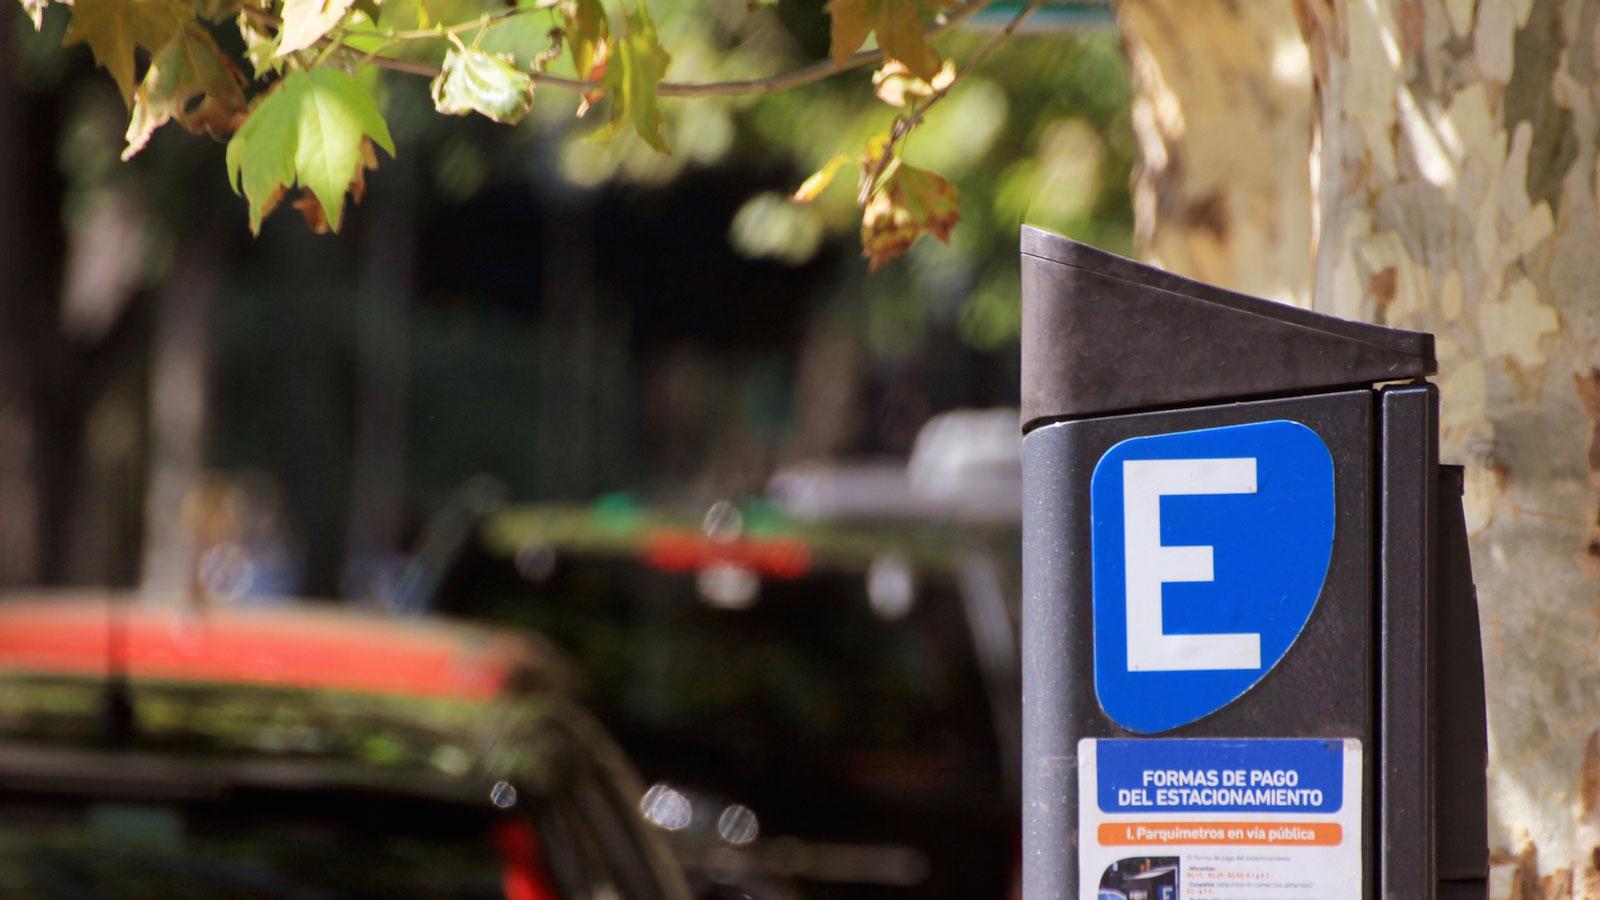 El crecimiento del parque automotor obliga a pensar cambios.